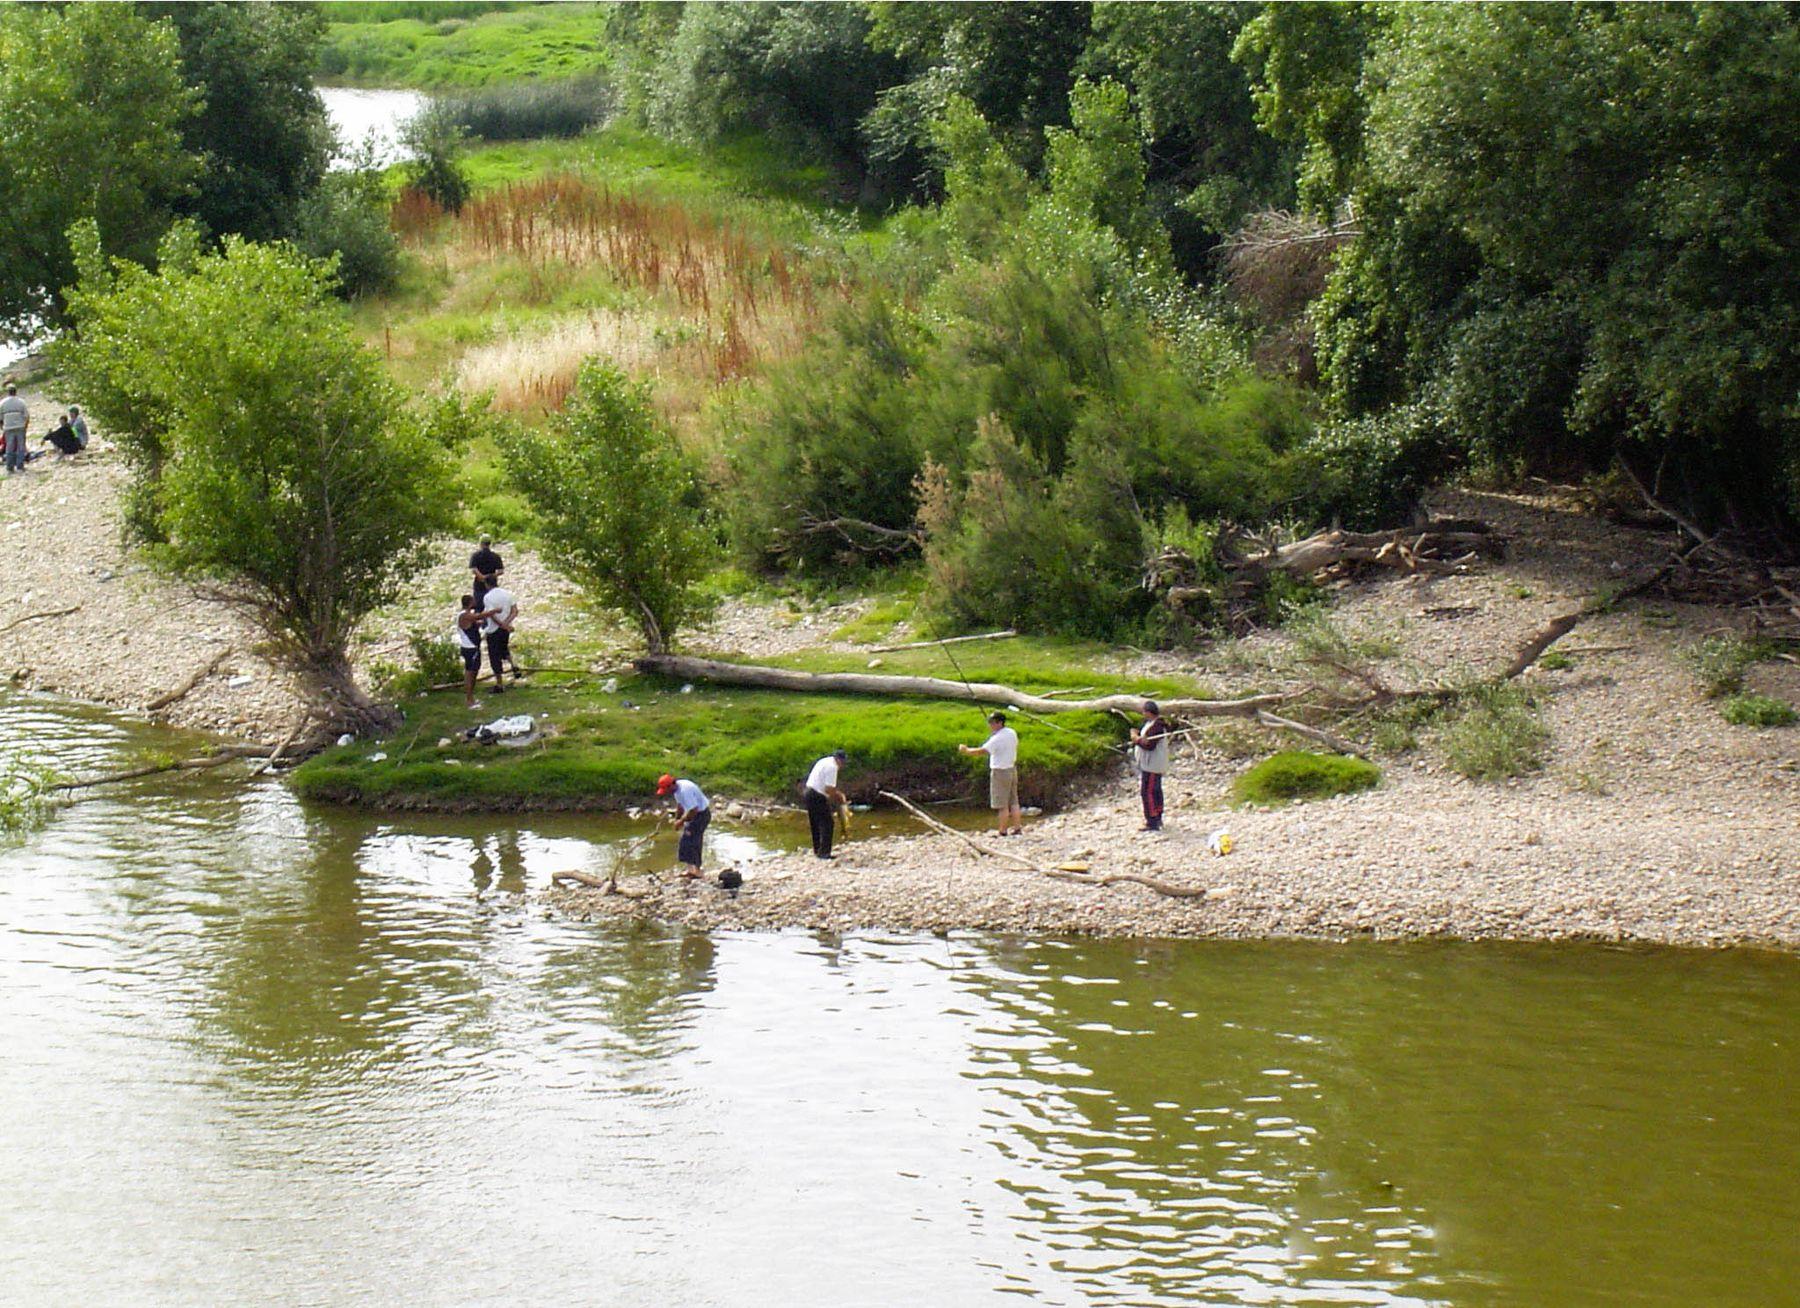 Испанские рыбаки поймали рыбу (12.06.2005)